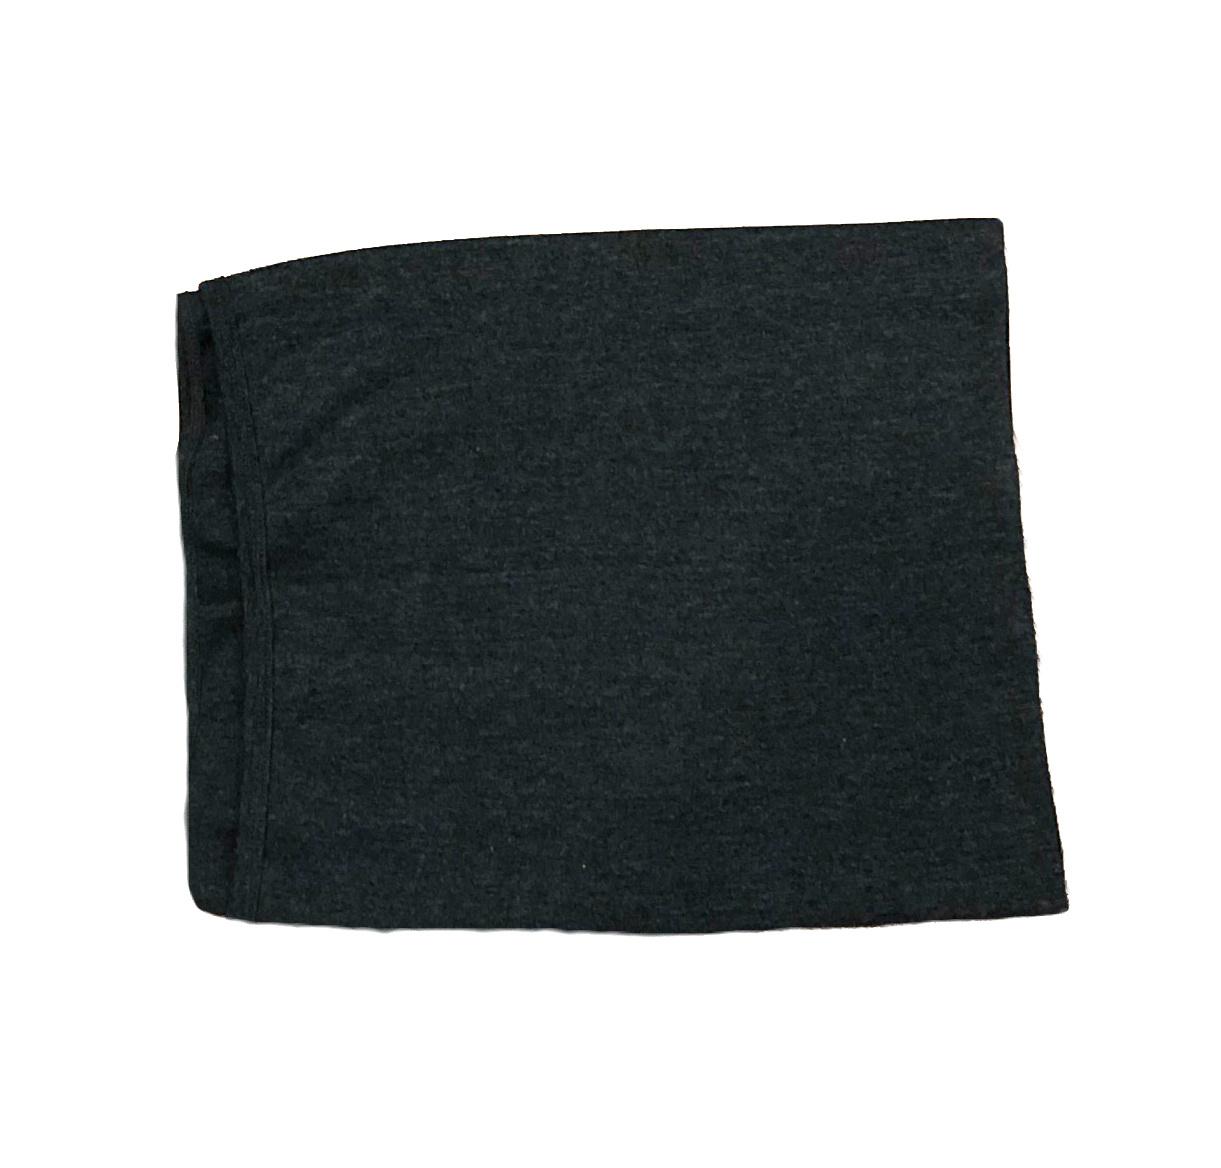 Too Sweet Soft Charcoal Blanket